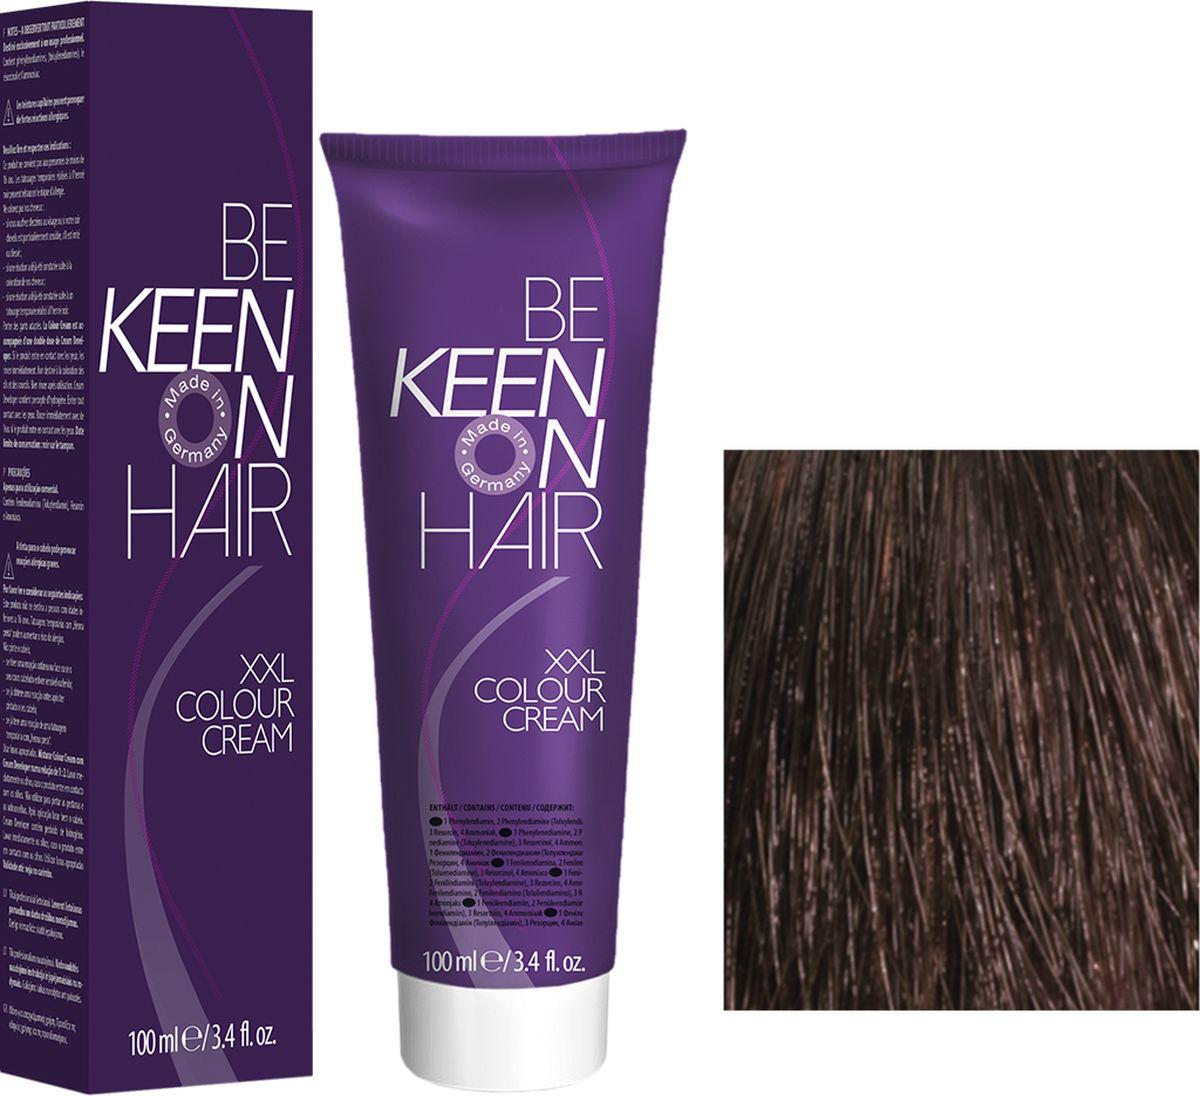 Keen Краска для волос 5.75 Каштан Kastanie, 100 мл69100032Модные оттенкиБолее 100 оттенков для креативной комбинации цветов.ЭкономичностьПри использовании тюбика 100 мл вы получаете оптимальное соотношение цены и качества!УходМолочный белок поддерживает структуру волоса во время окрашивания и придает волосам блеск и шелковистость. Протеины хорошо встраиваются в волосы и снабжают их влагой.